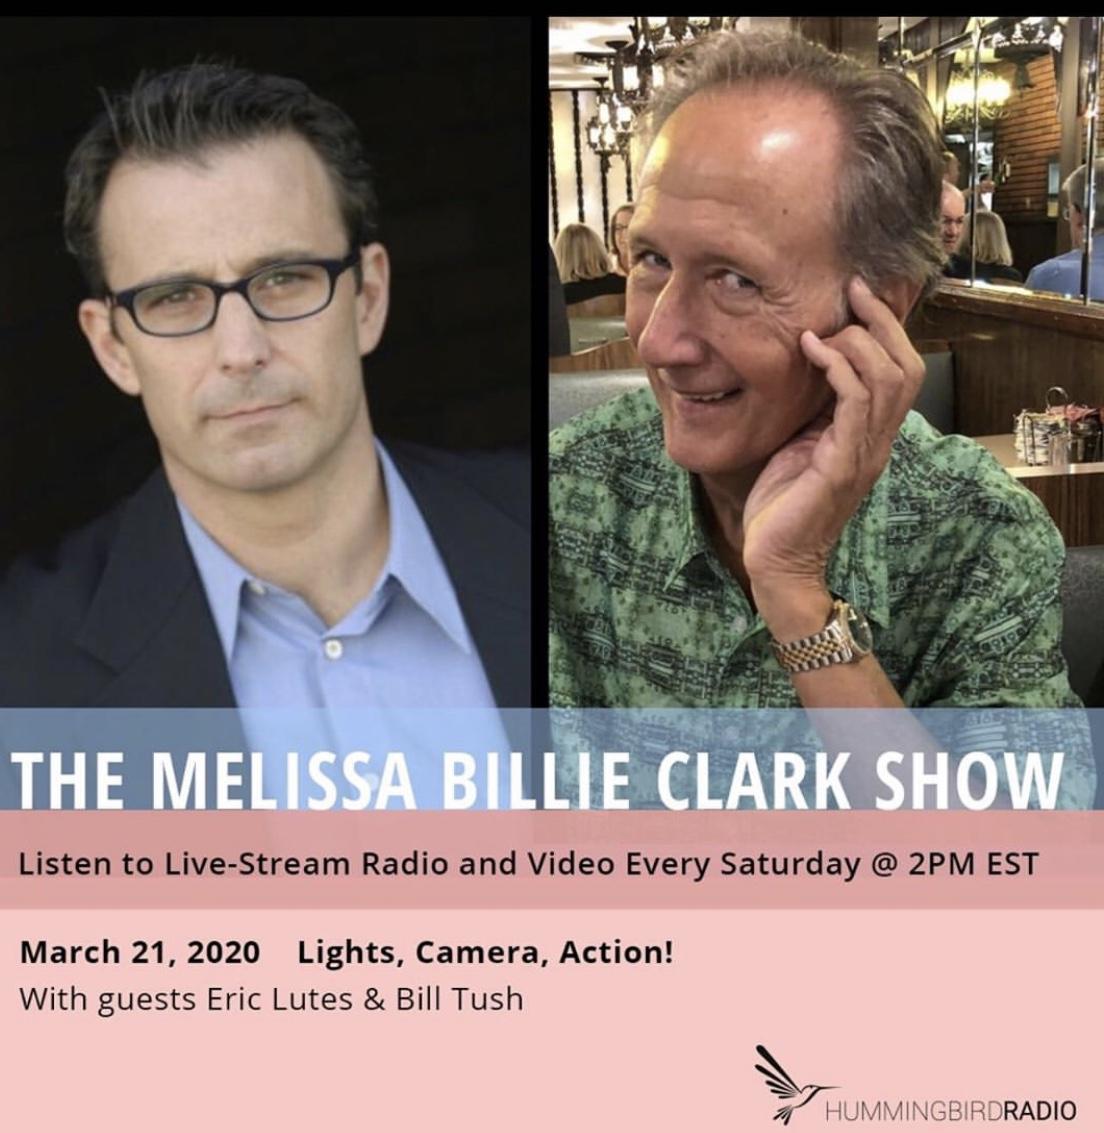 The Melissa Clark Show